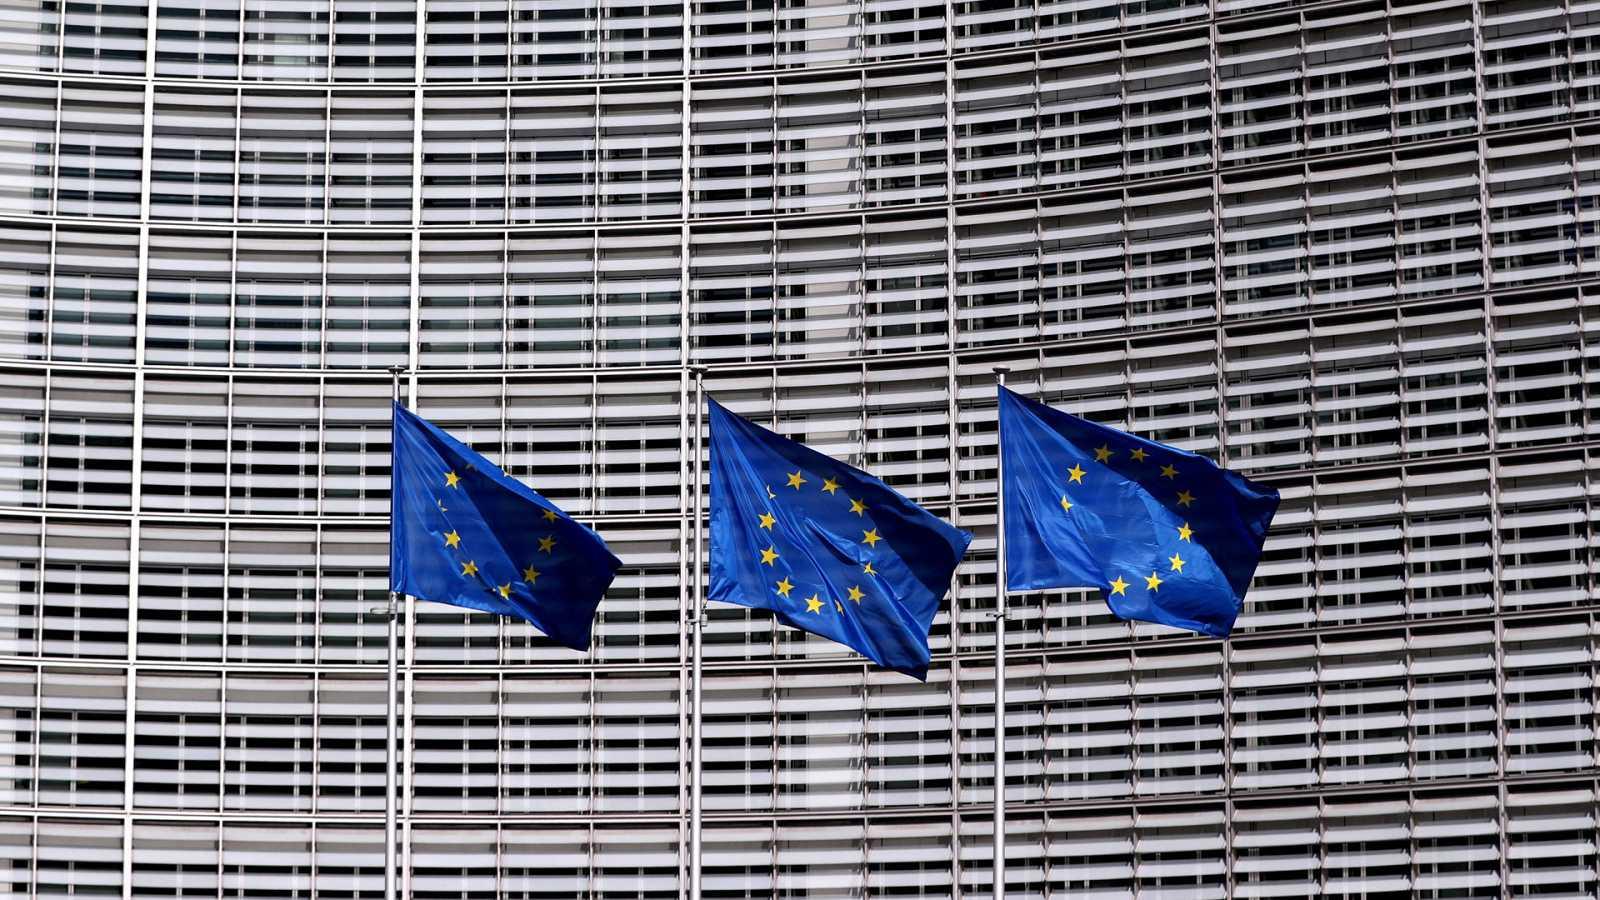 Banderas de la UE ondean fuera de la sede de la Comisión Europea en Bruselas